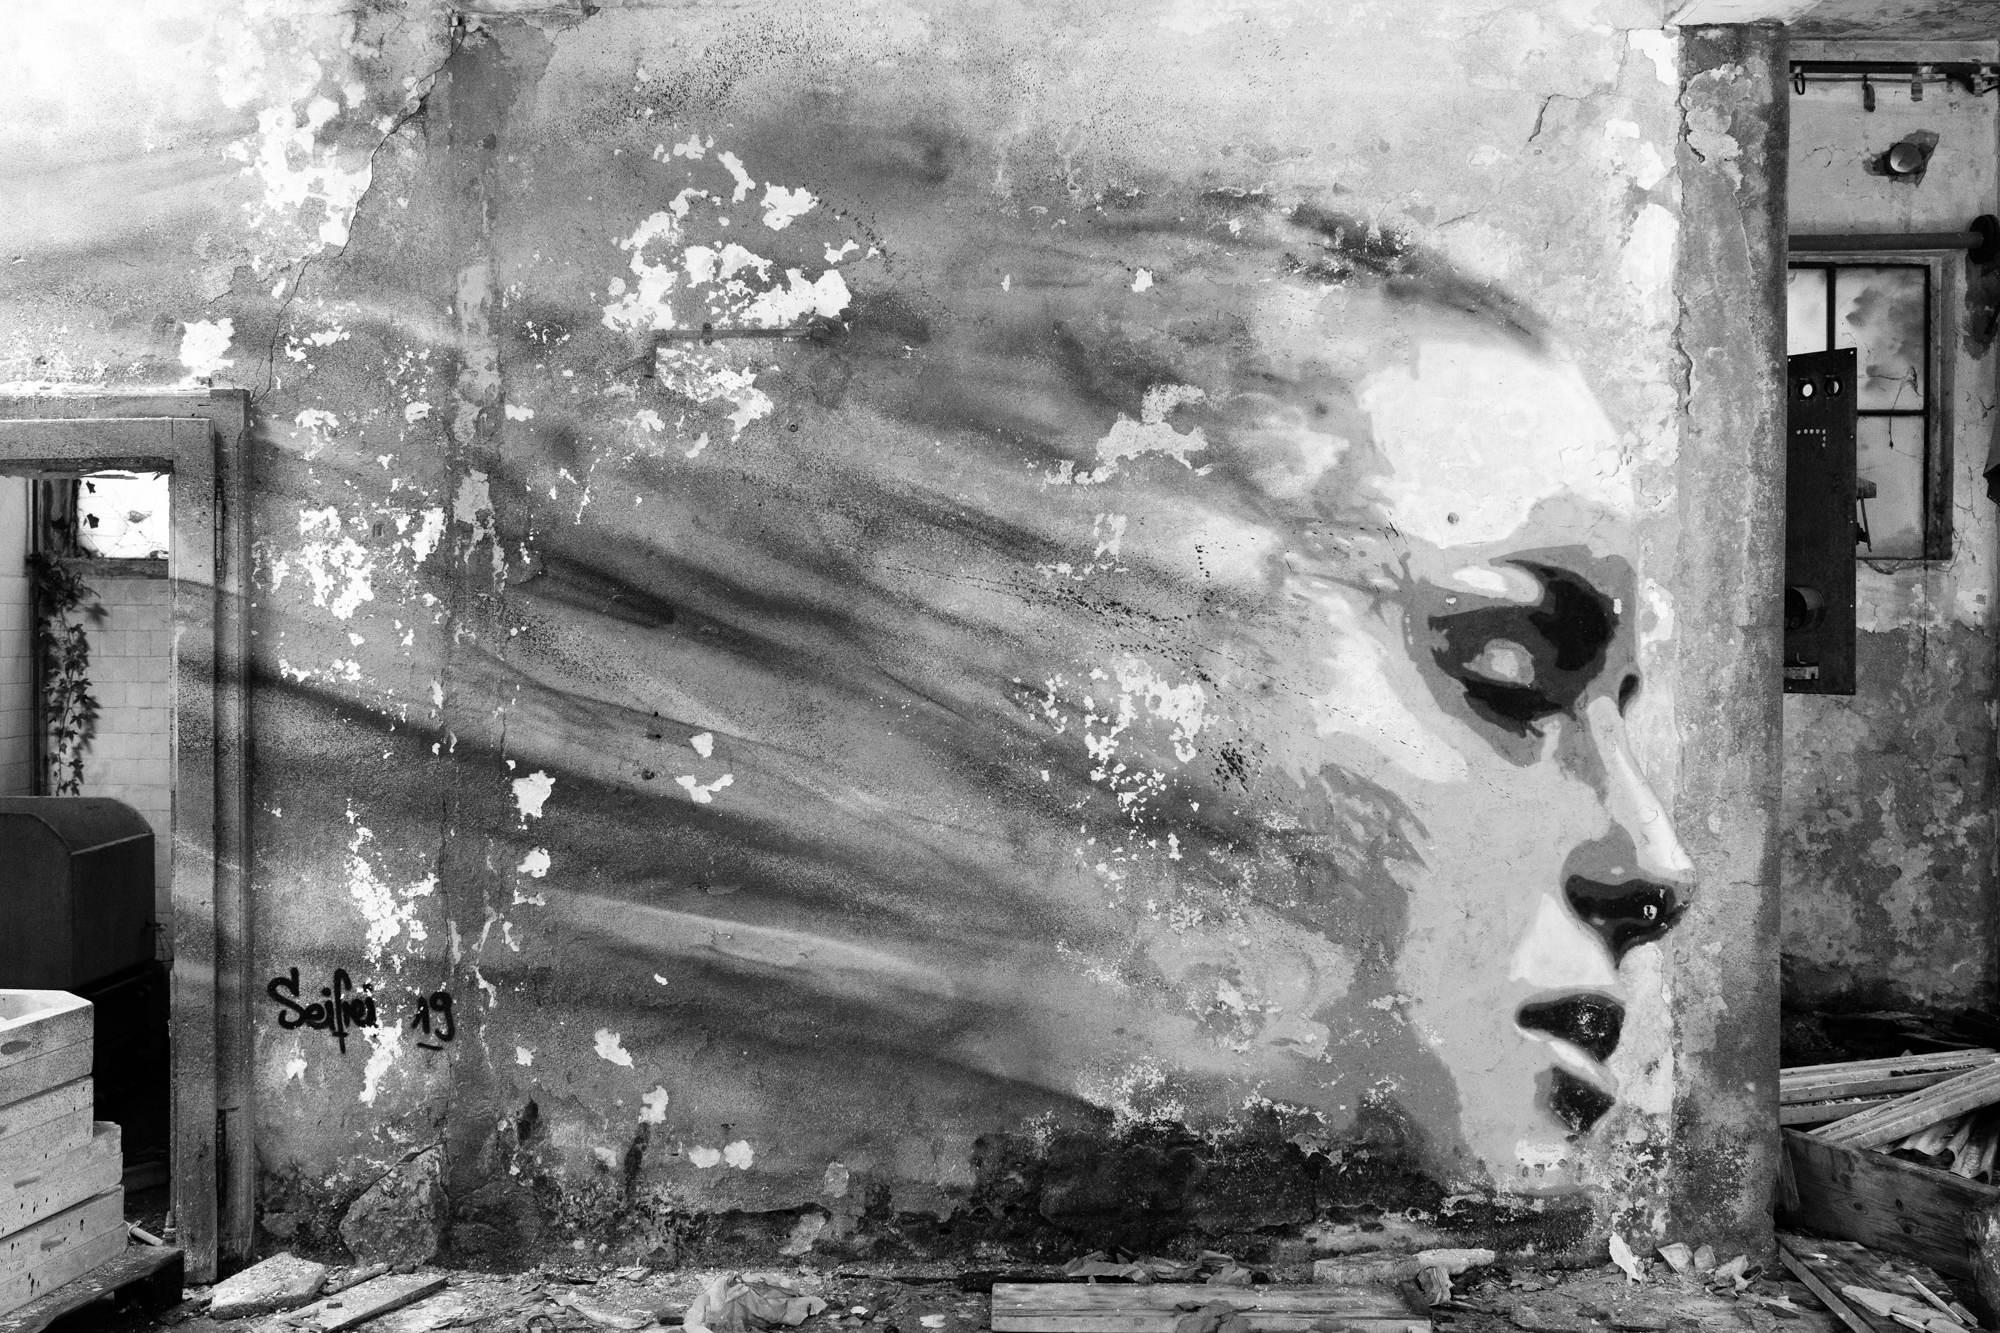 Graffiti of a female face